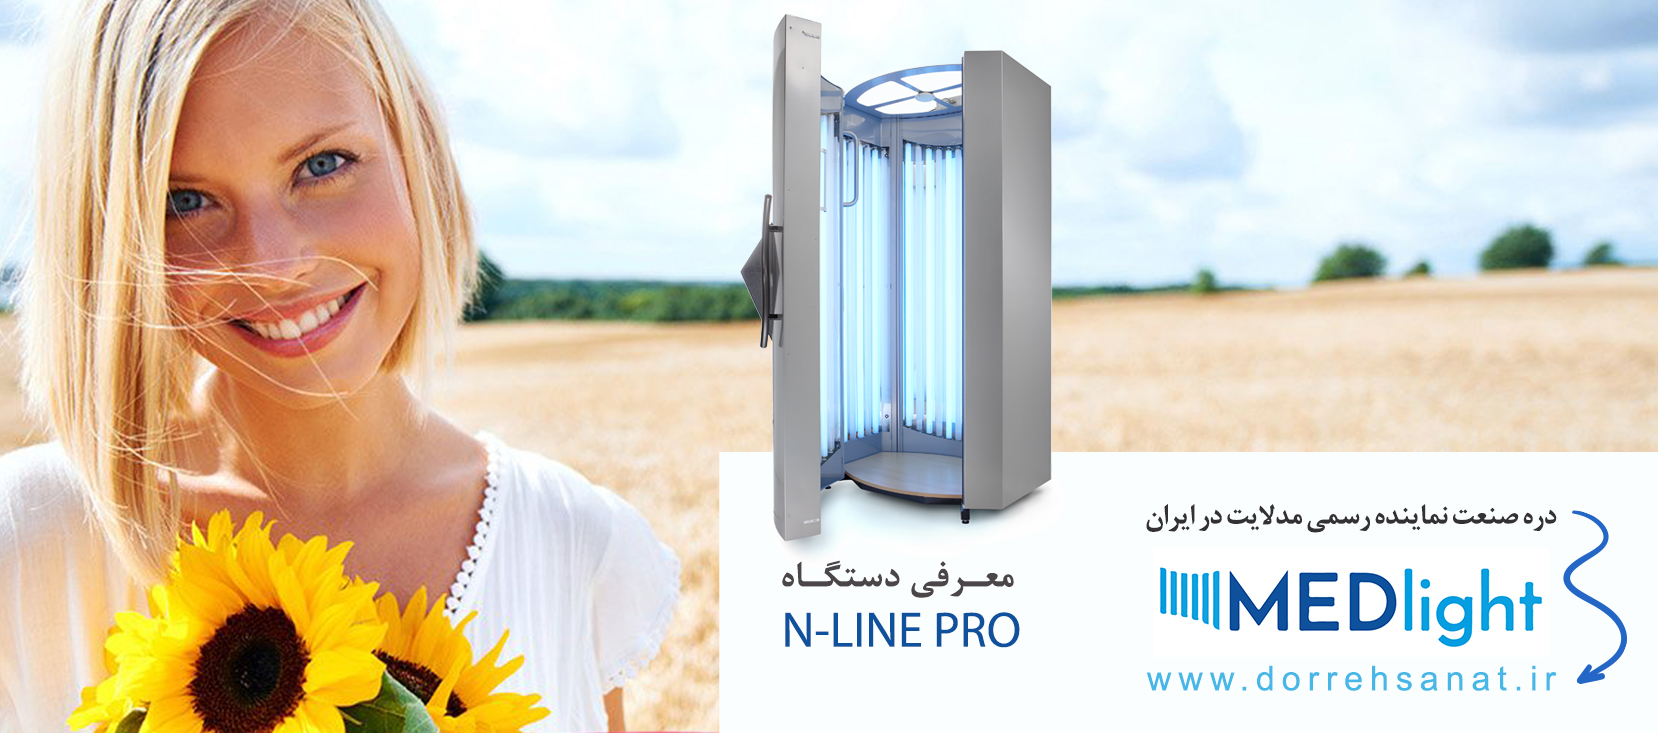 nline pro